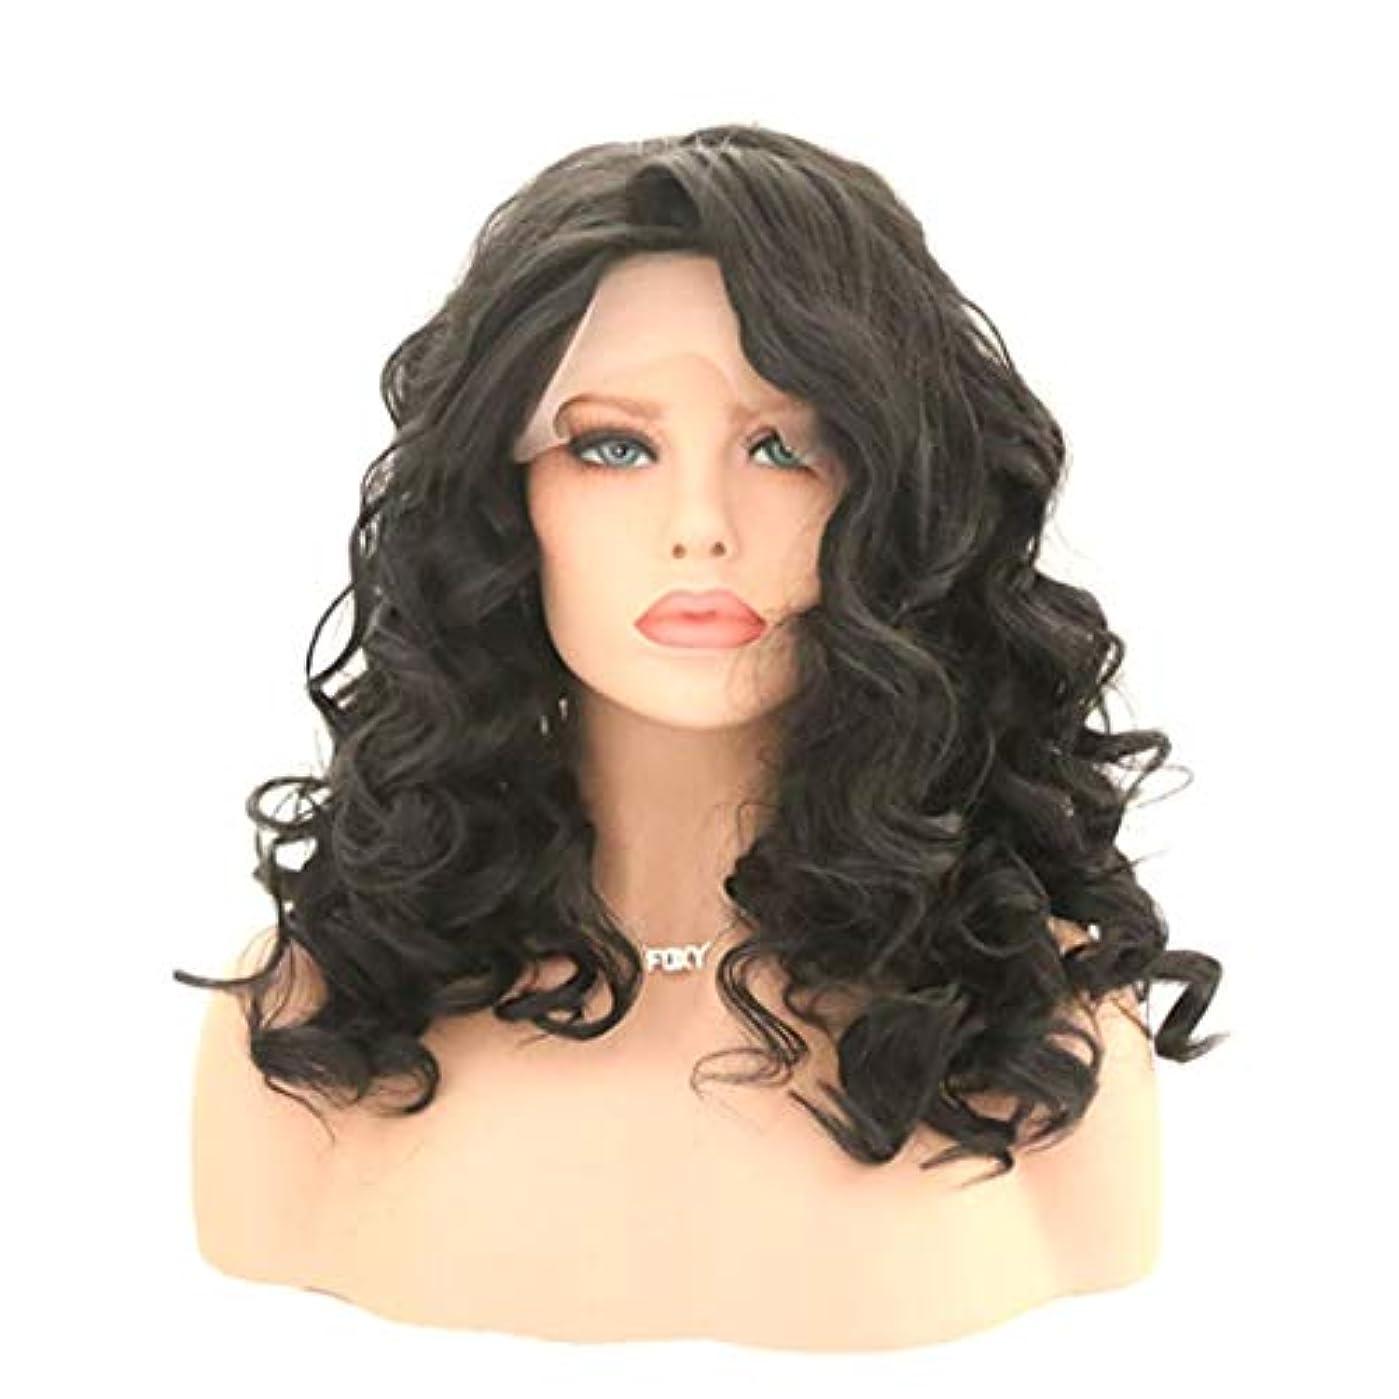 不足下着下Summerys 女性のためのカーリー波状かつら前髪付きかつら人工毛髪かつら自然なかつら (Size : 16 inches)